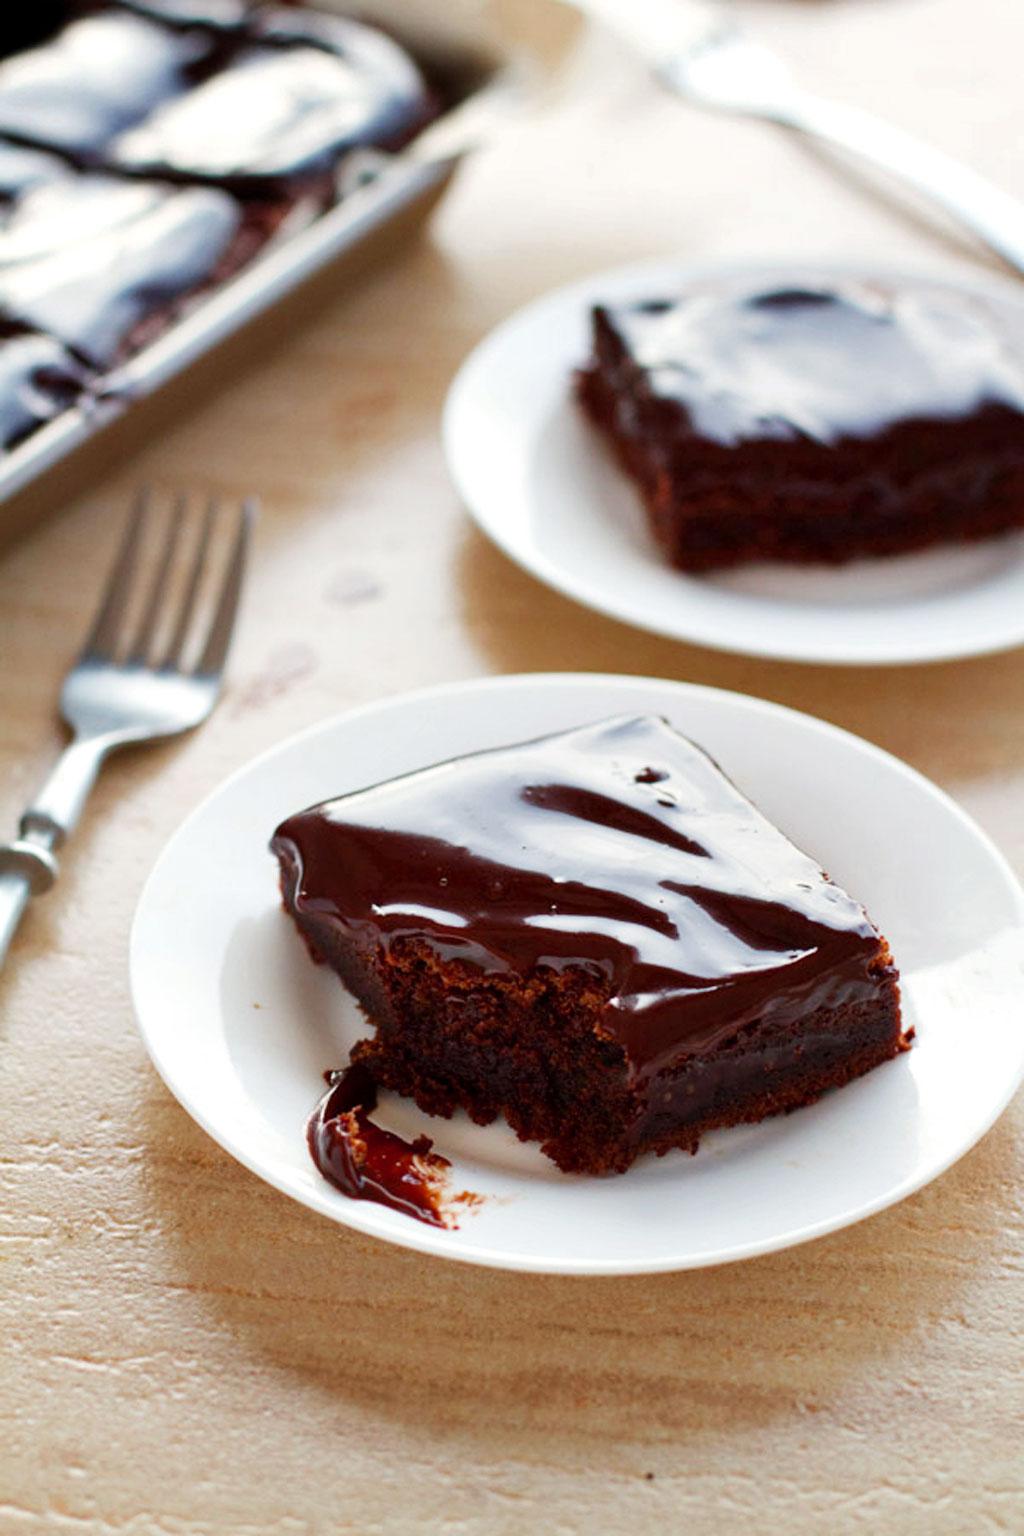 Matilda Chocolate Fudge Cake Recipe